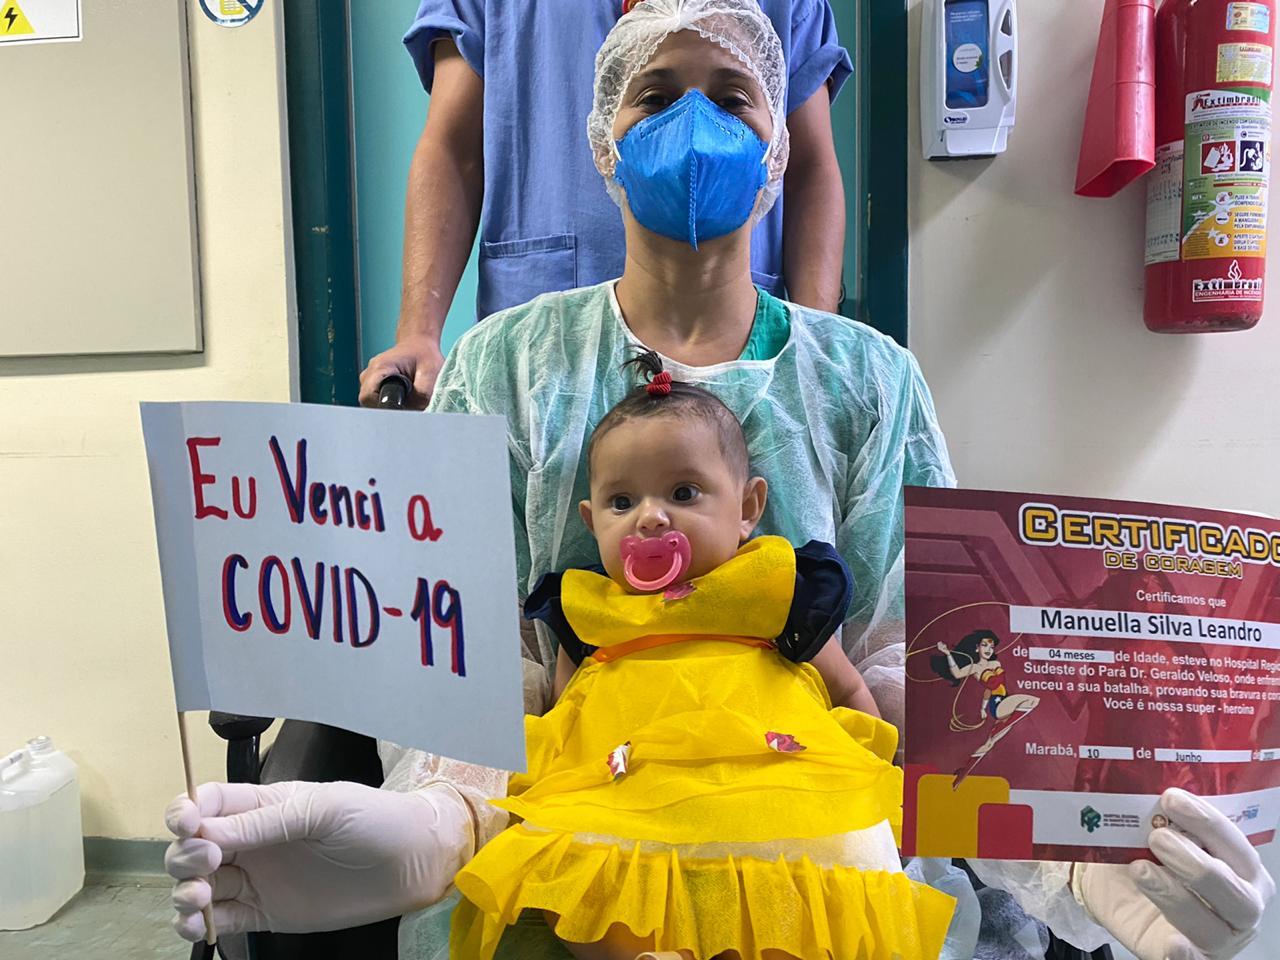 Em ano desafiador, Hospital Regional do Sudeste do Pará aumenta atendimentos em 62%